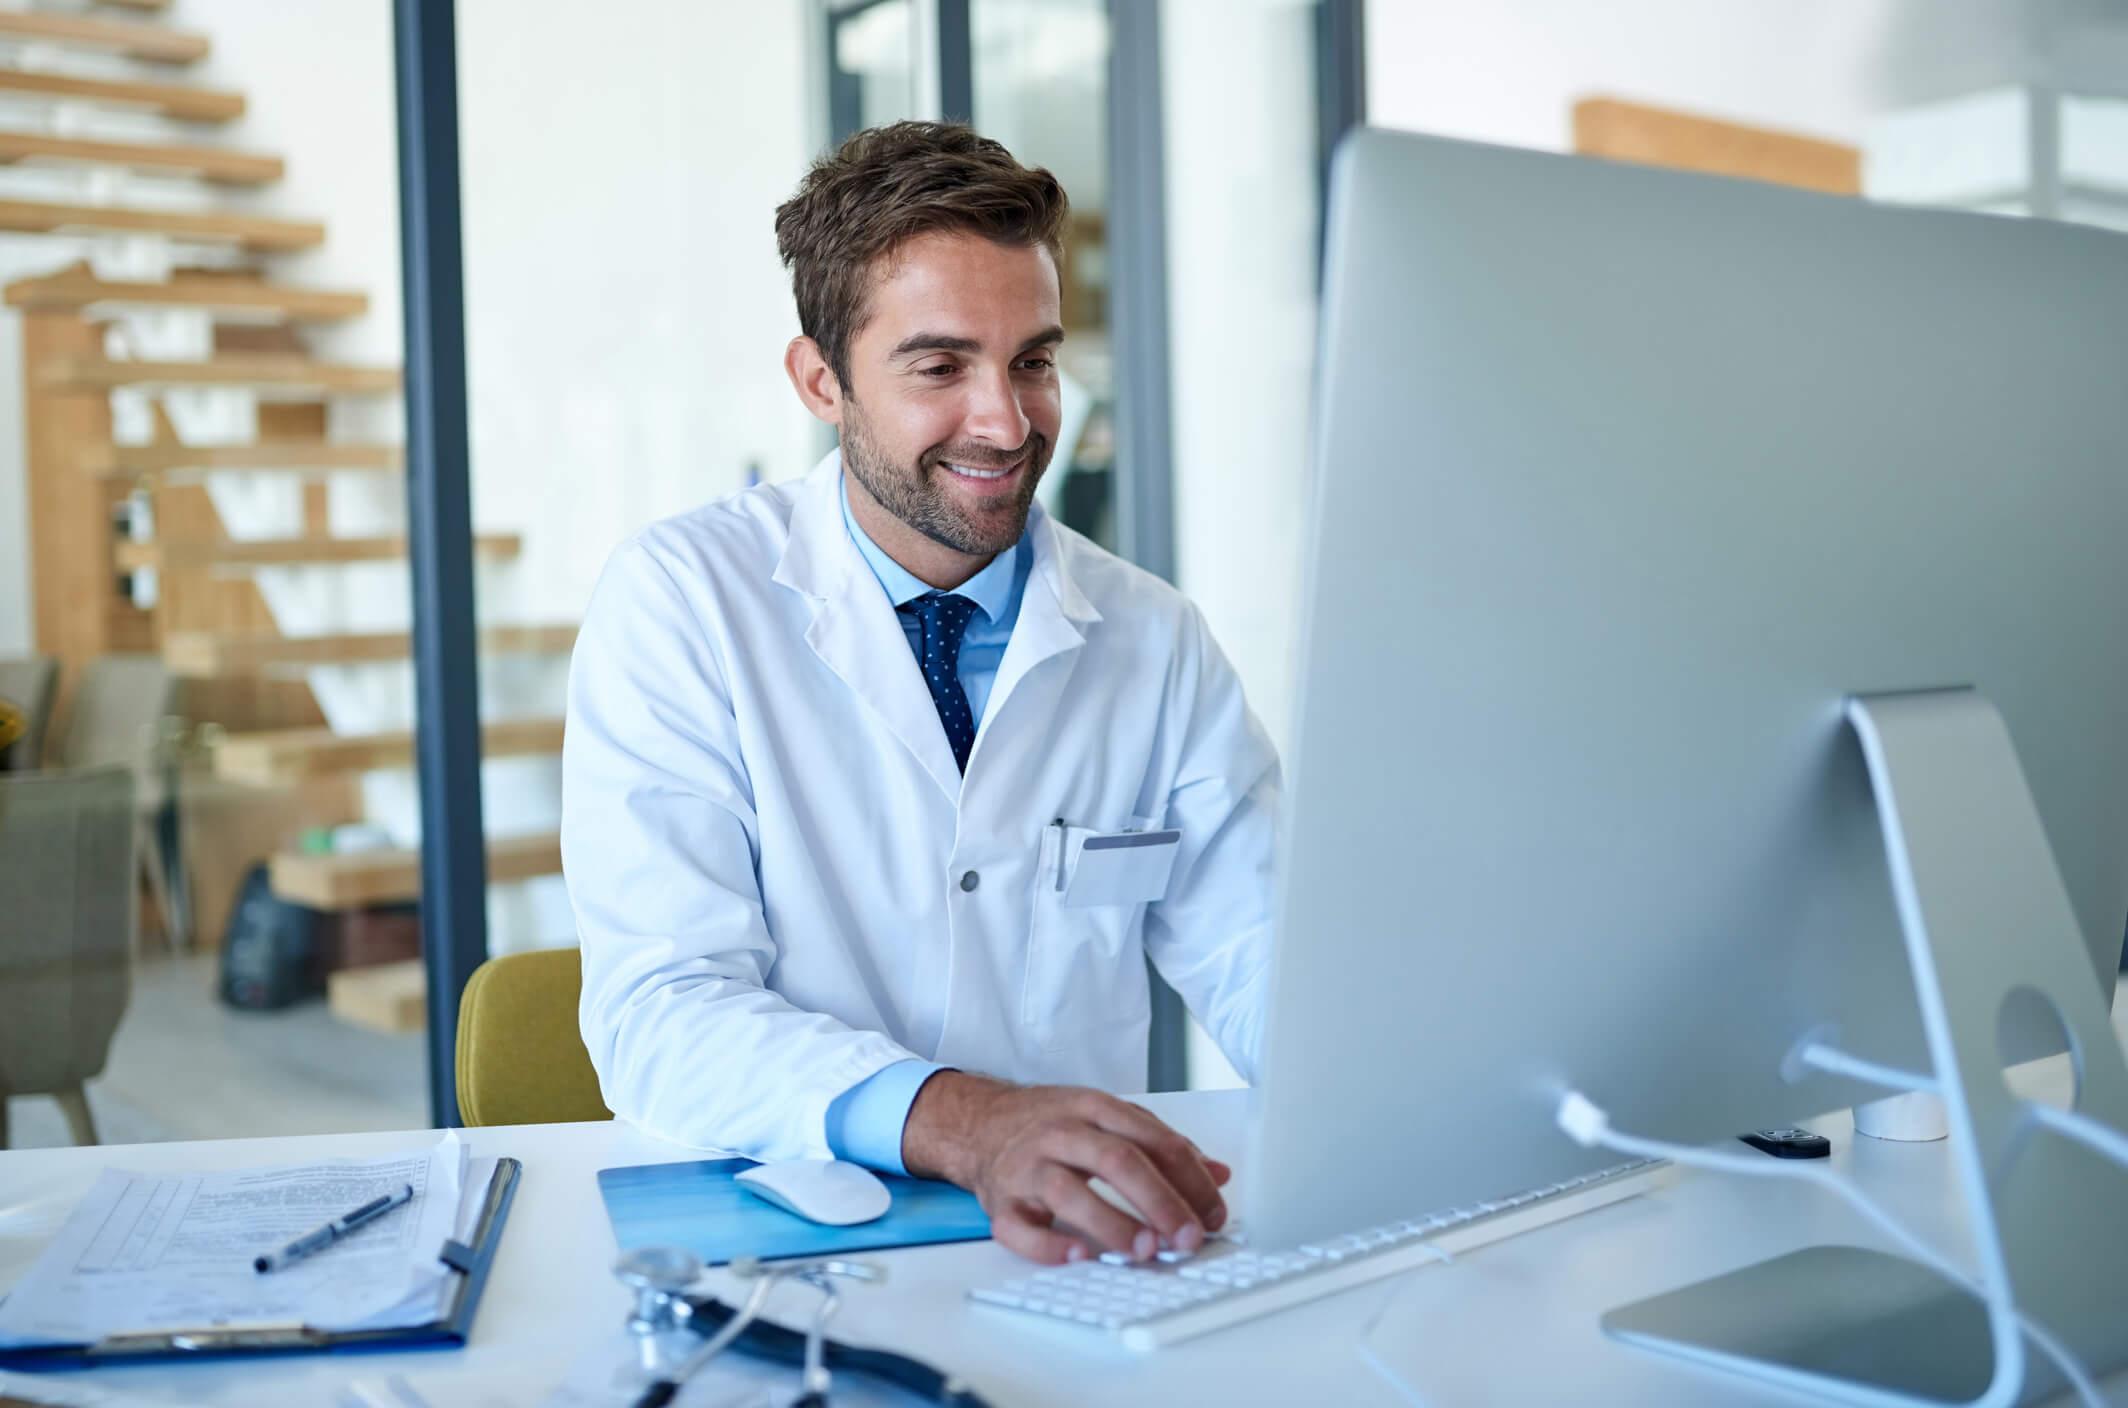 Sistema para hospitais: Entenda como a tecnologia pode ajudar no gerenciamento médico!